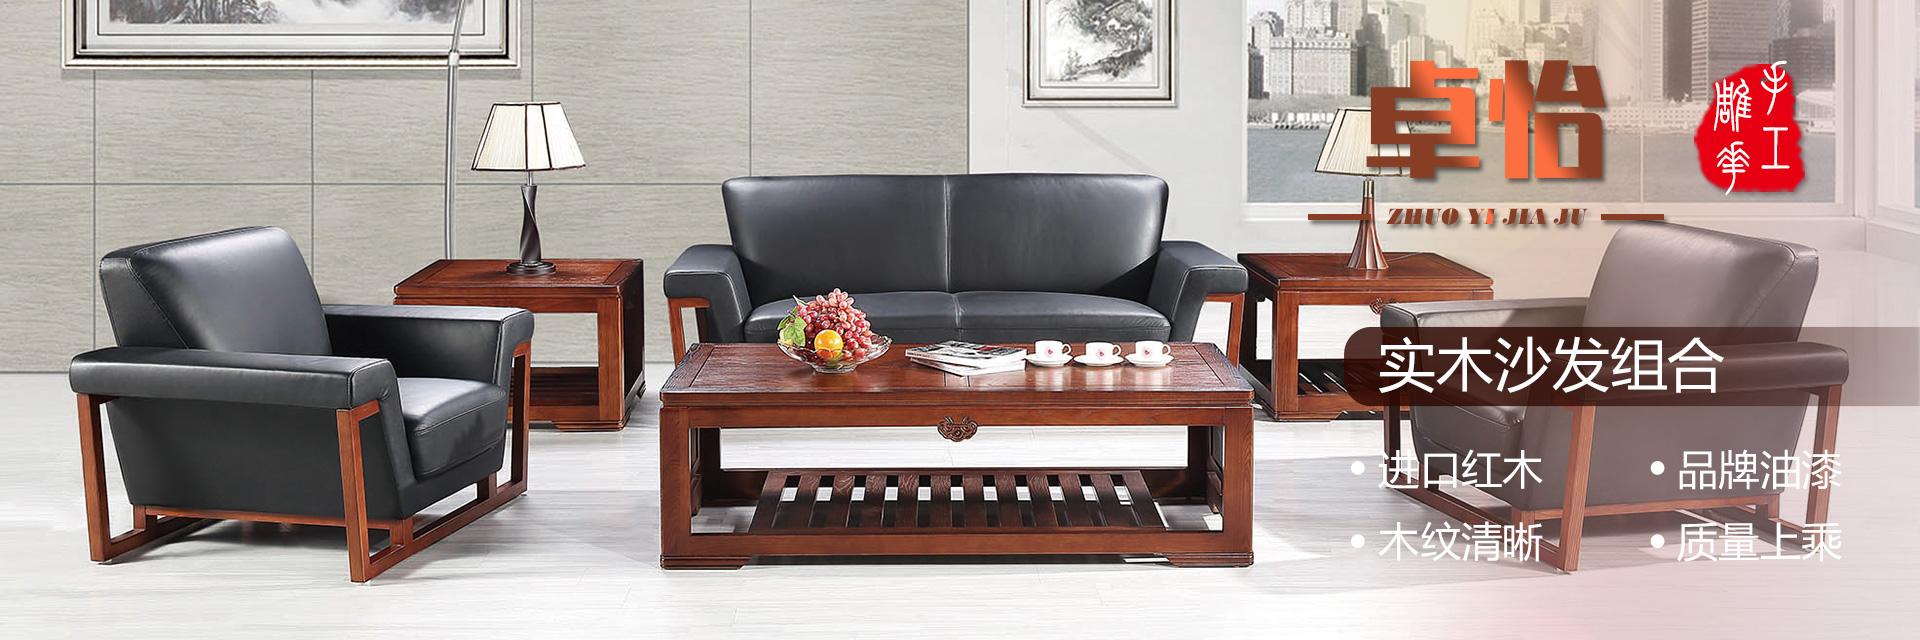 济南卓怡实木家具厂纯实木办公家具组合,为您量身定制完美家具配套整合方案。